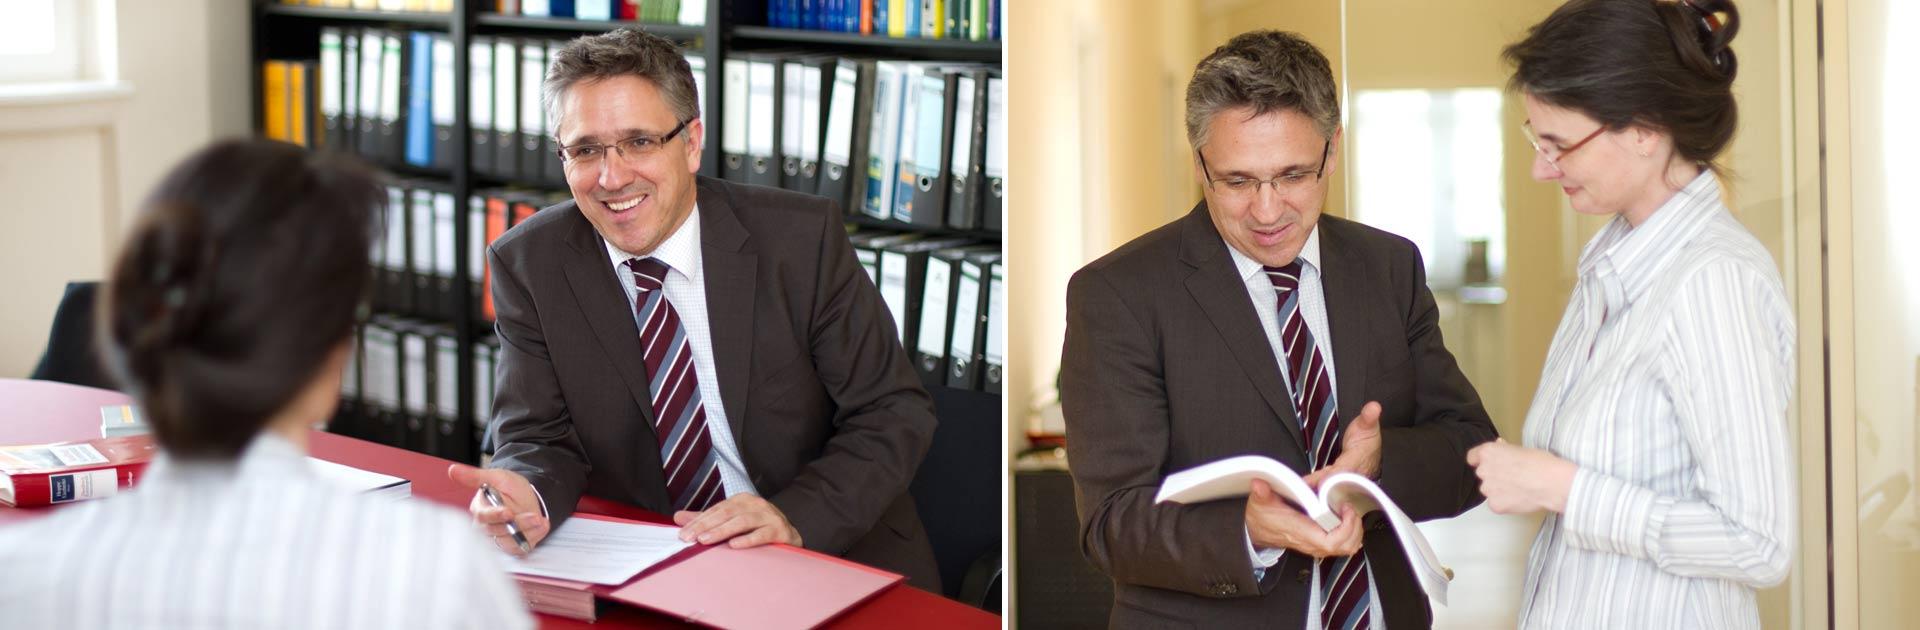 Gruneberg Rechtsanwälte Köln Karriere